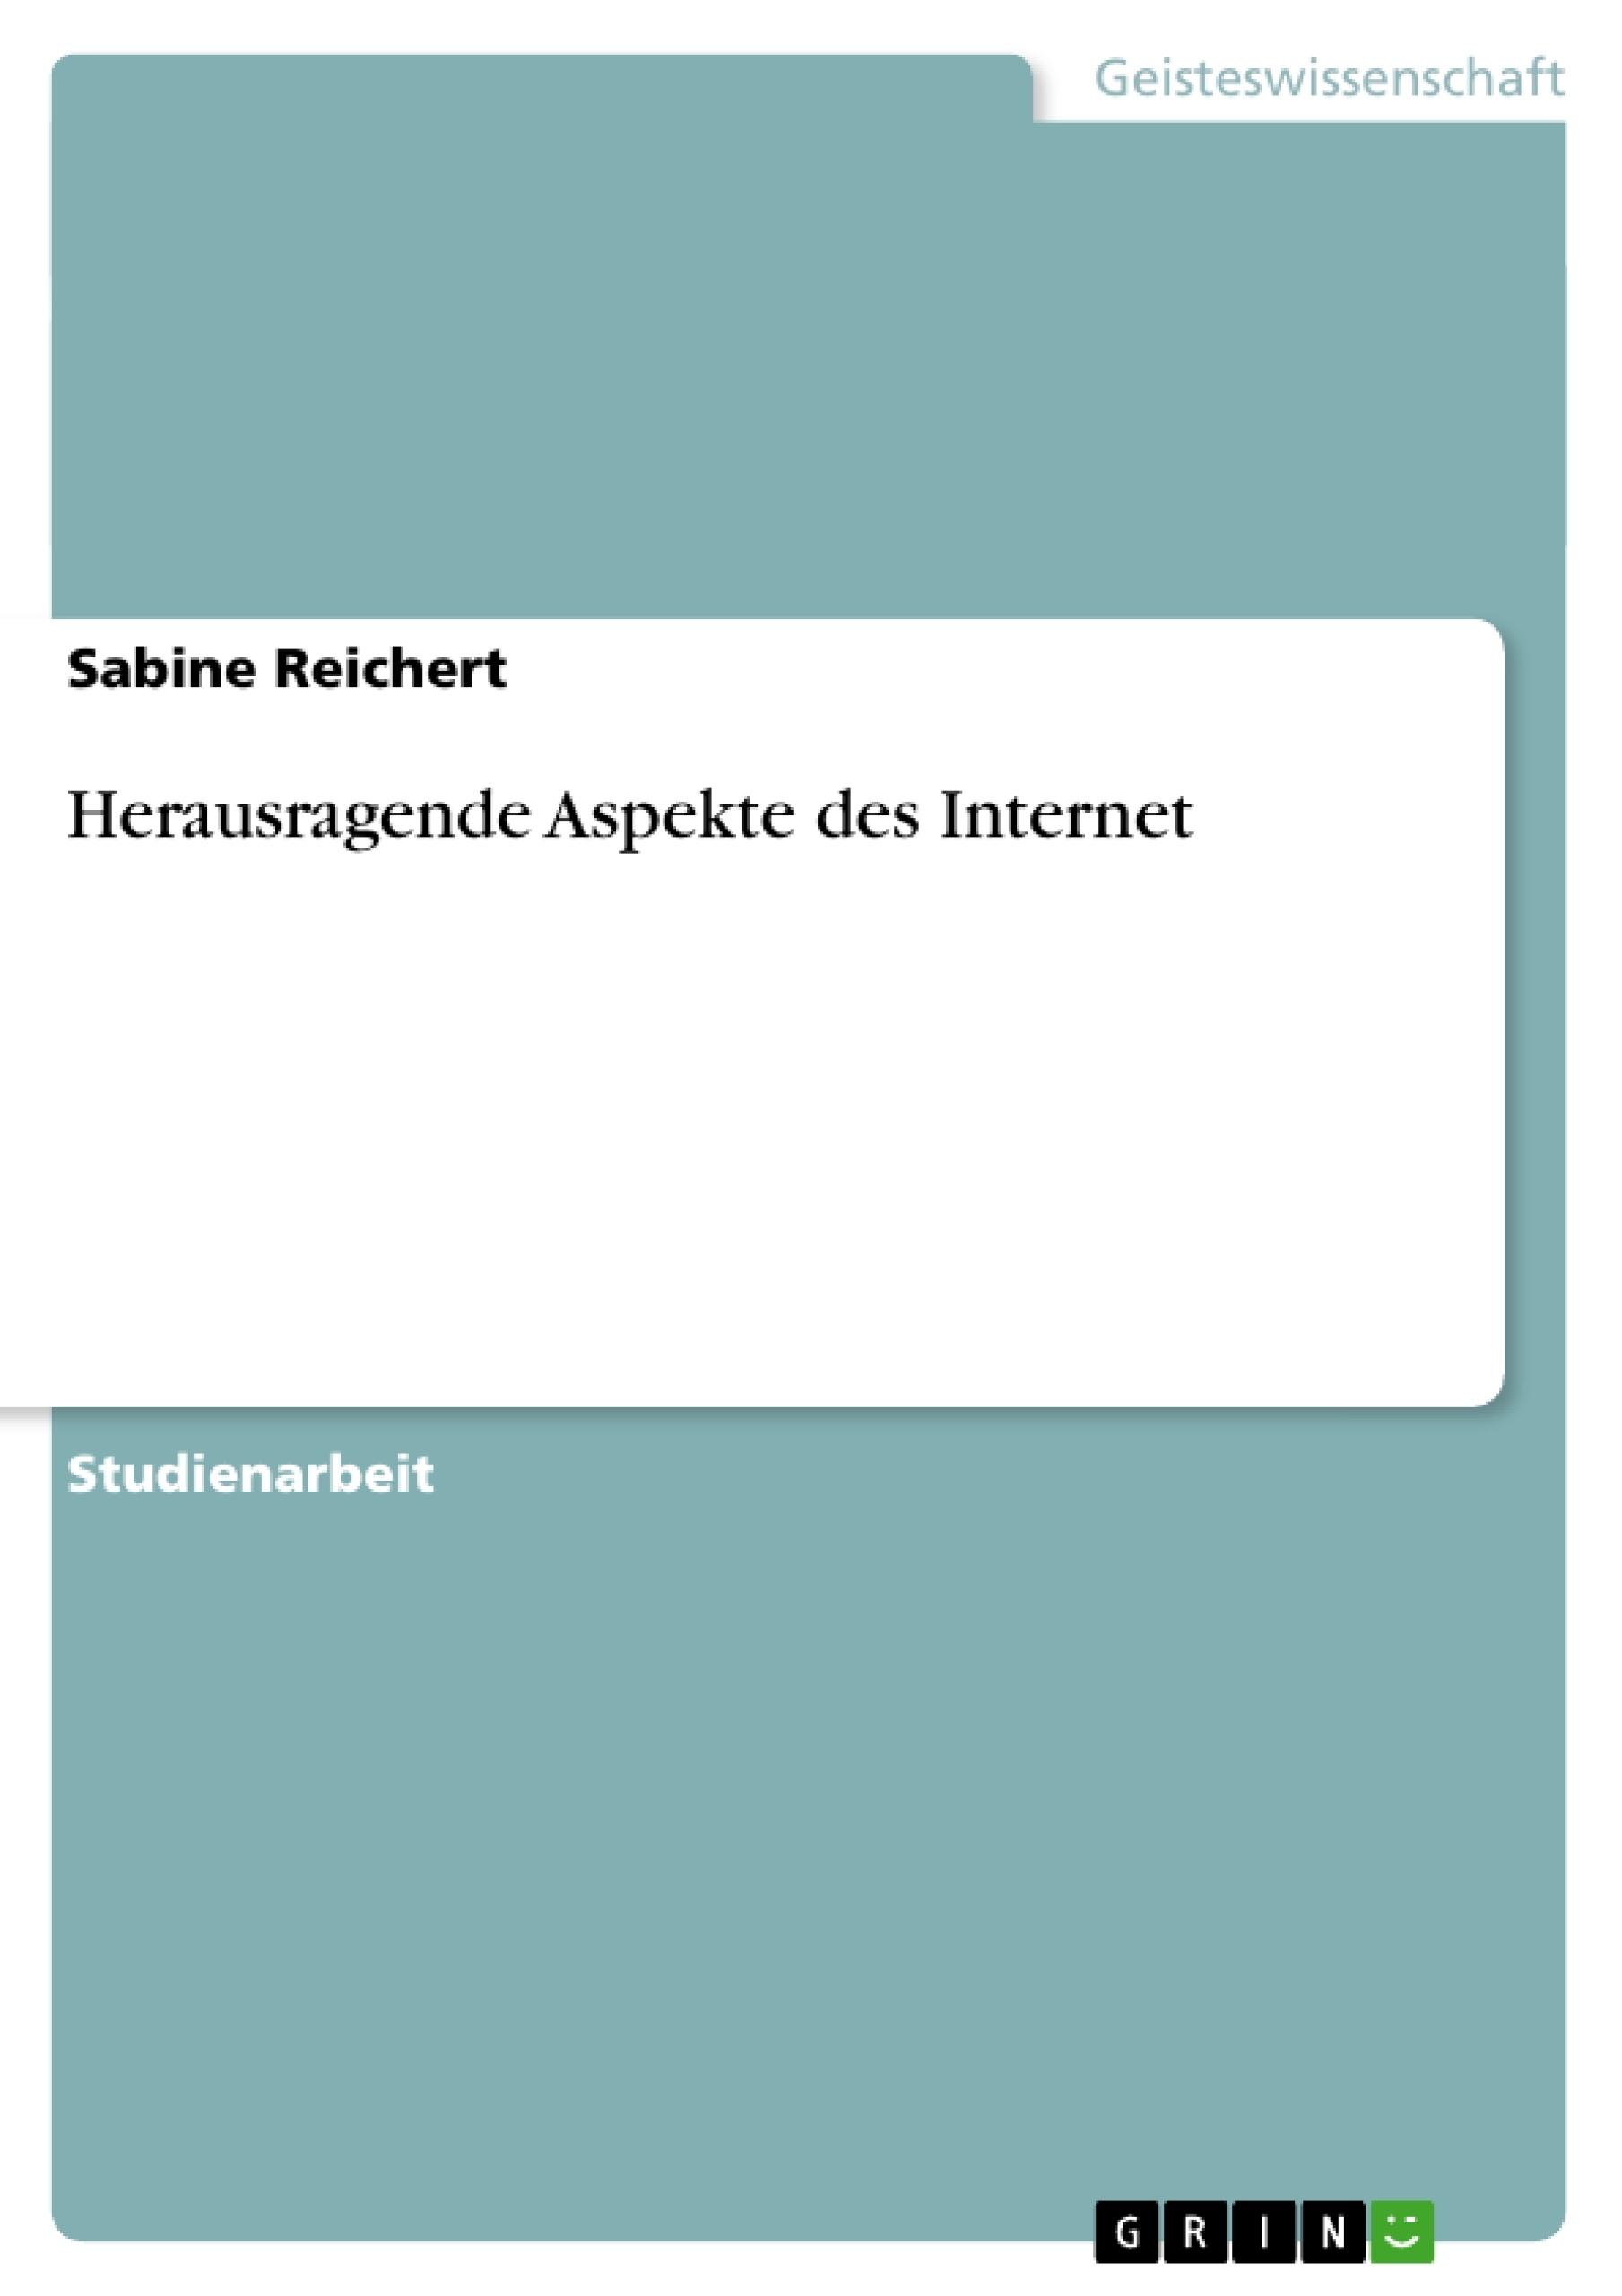 Titel: Herausragende Aspekte des Internet